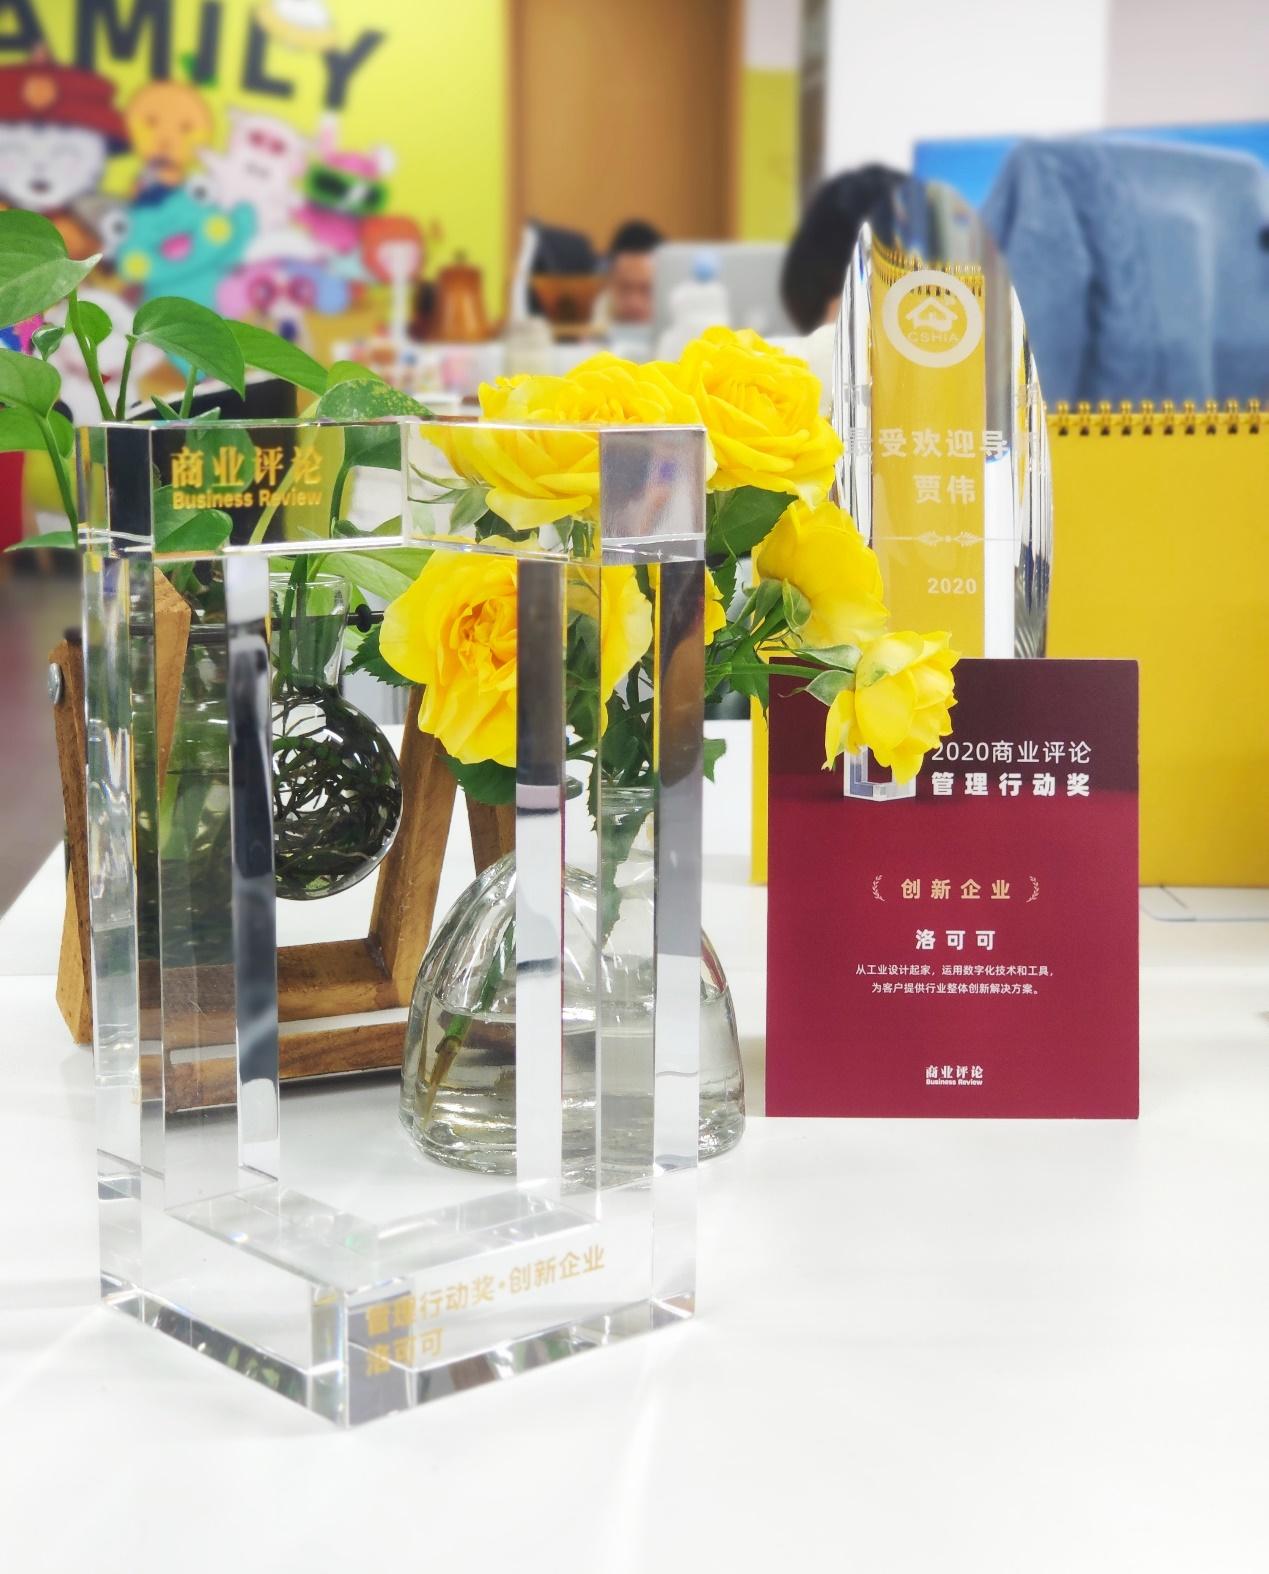 立彩彩票-设计界唯一 洛可可获第14届《商业评论》管理行动奖